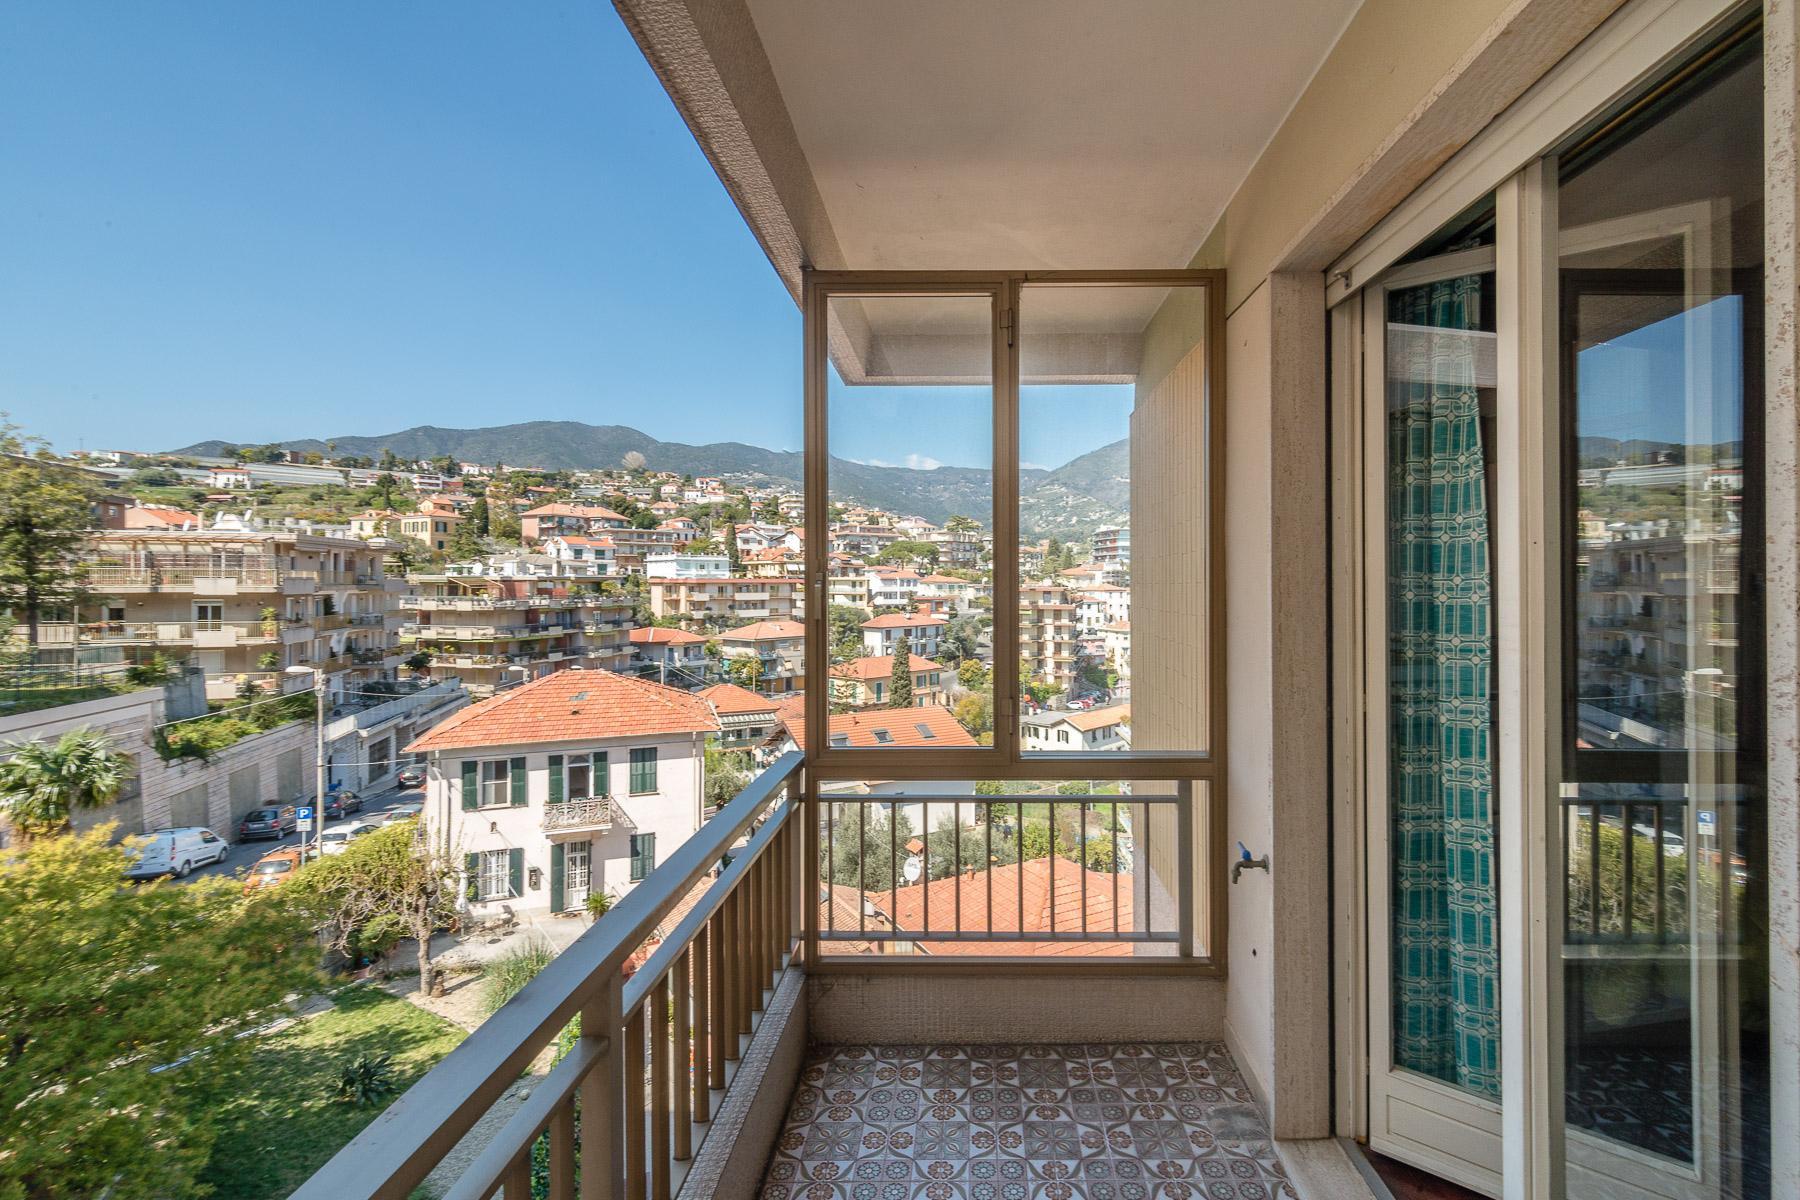 Appartement panoramique avec terrasse d'environ 80 mq - 13